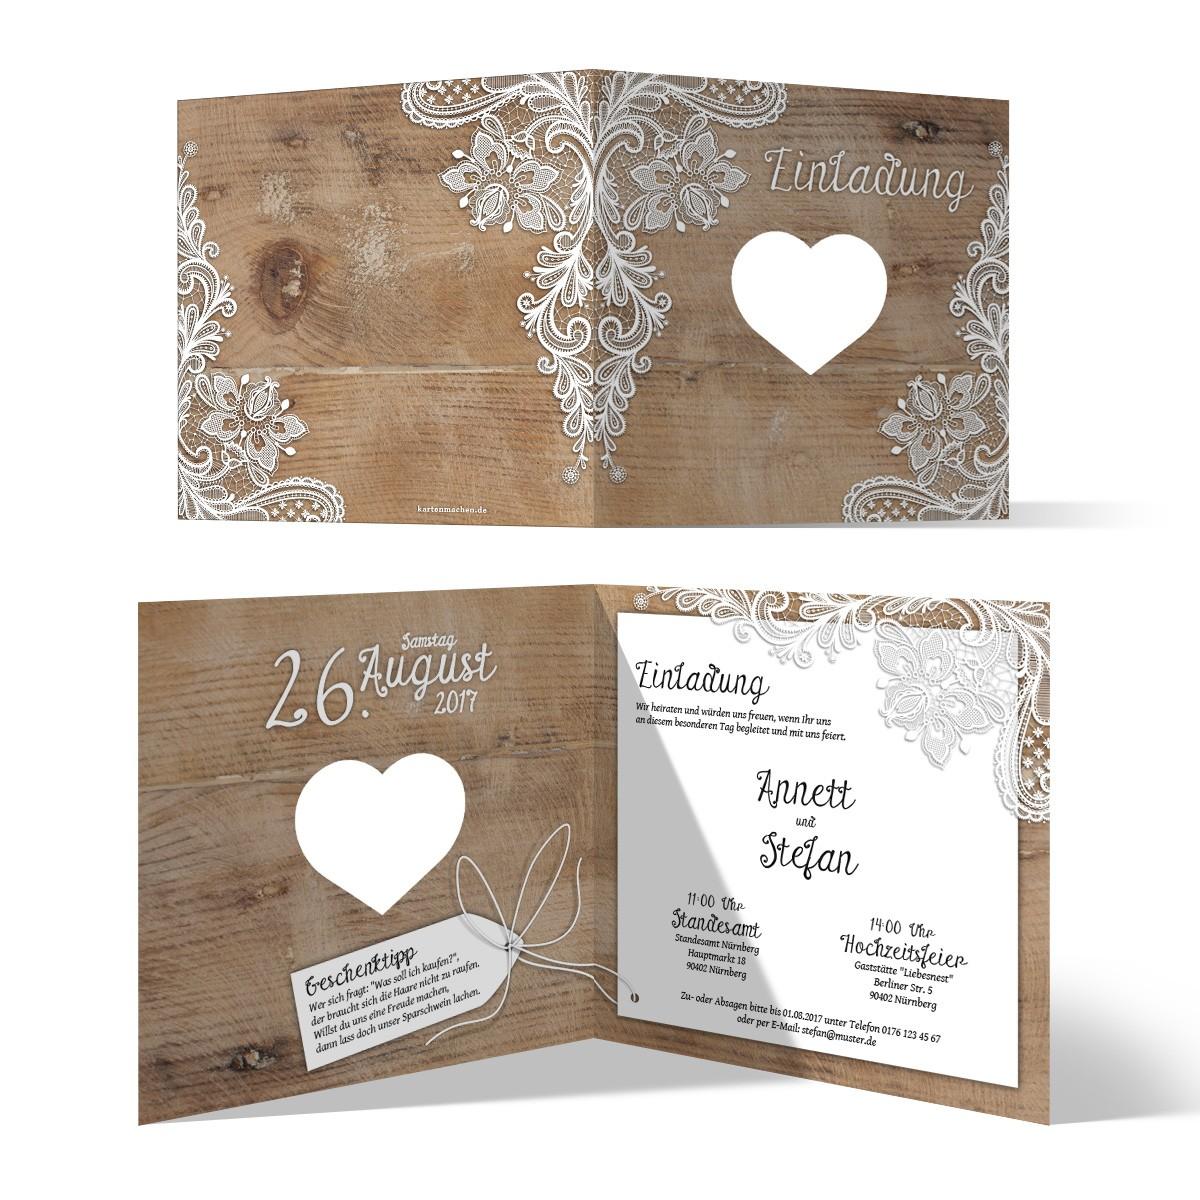 15 Einladungskarten Hochzeit Ausgefallen - Einladung Zum